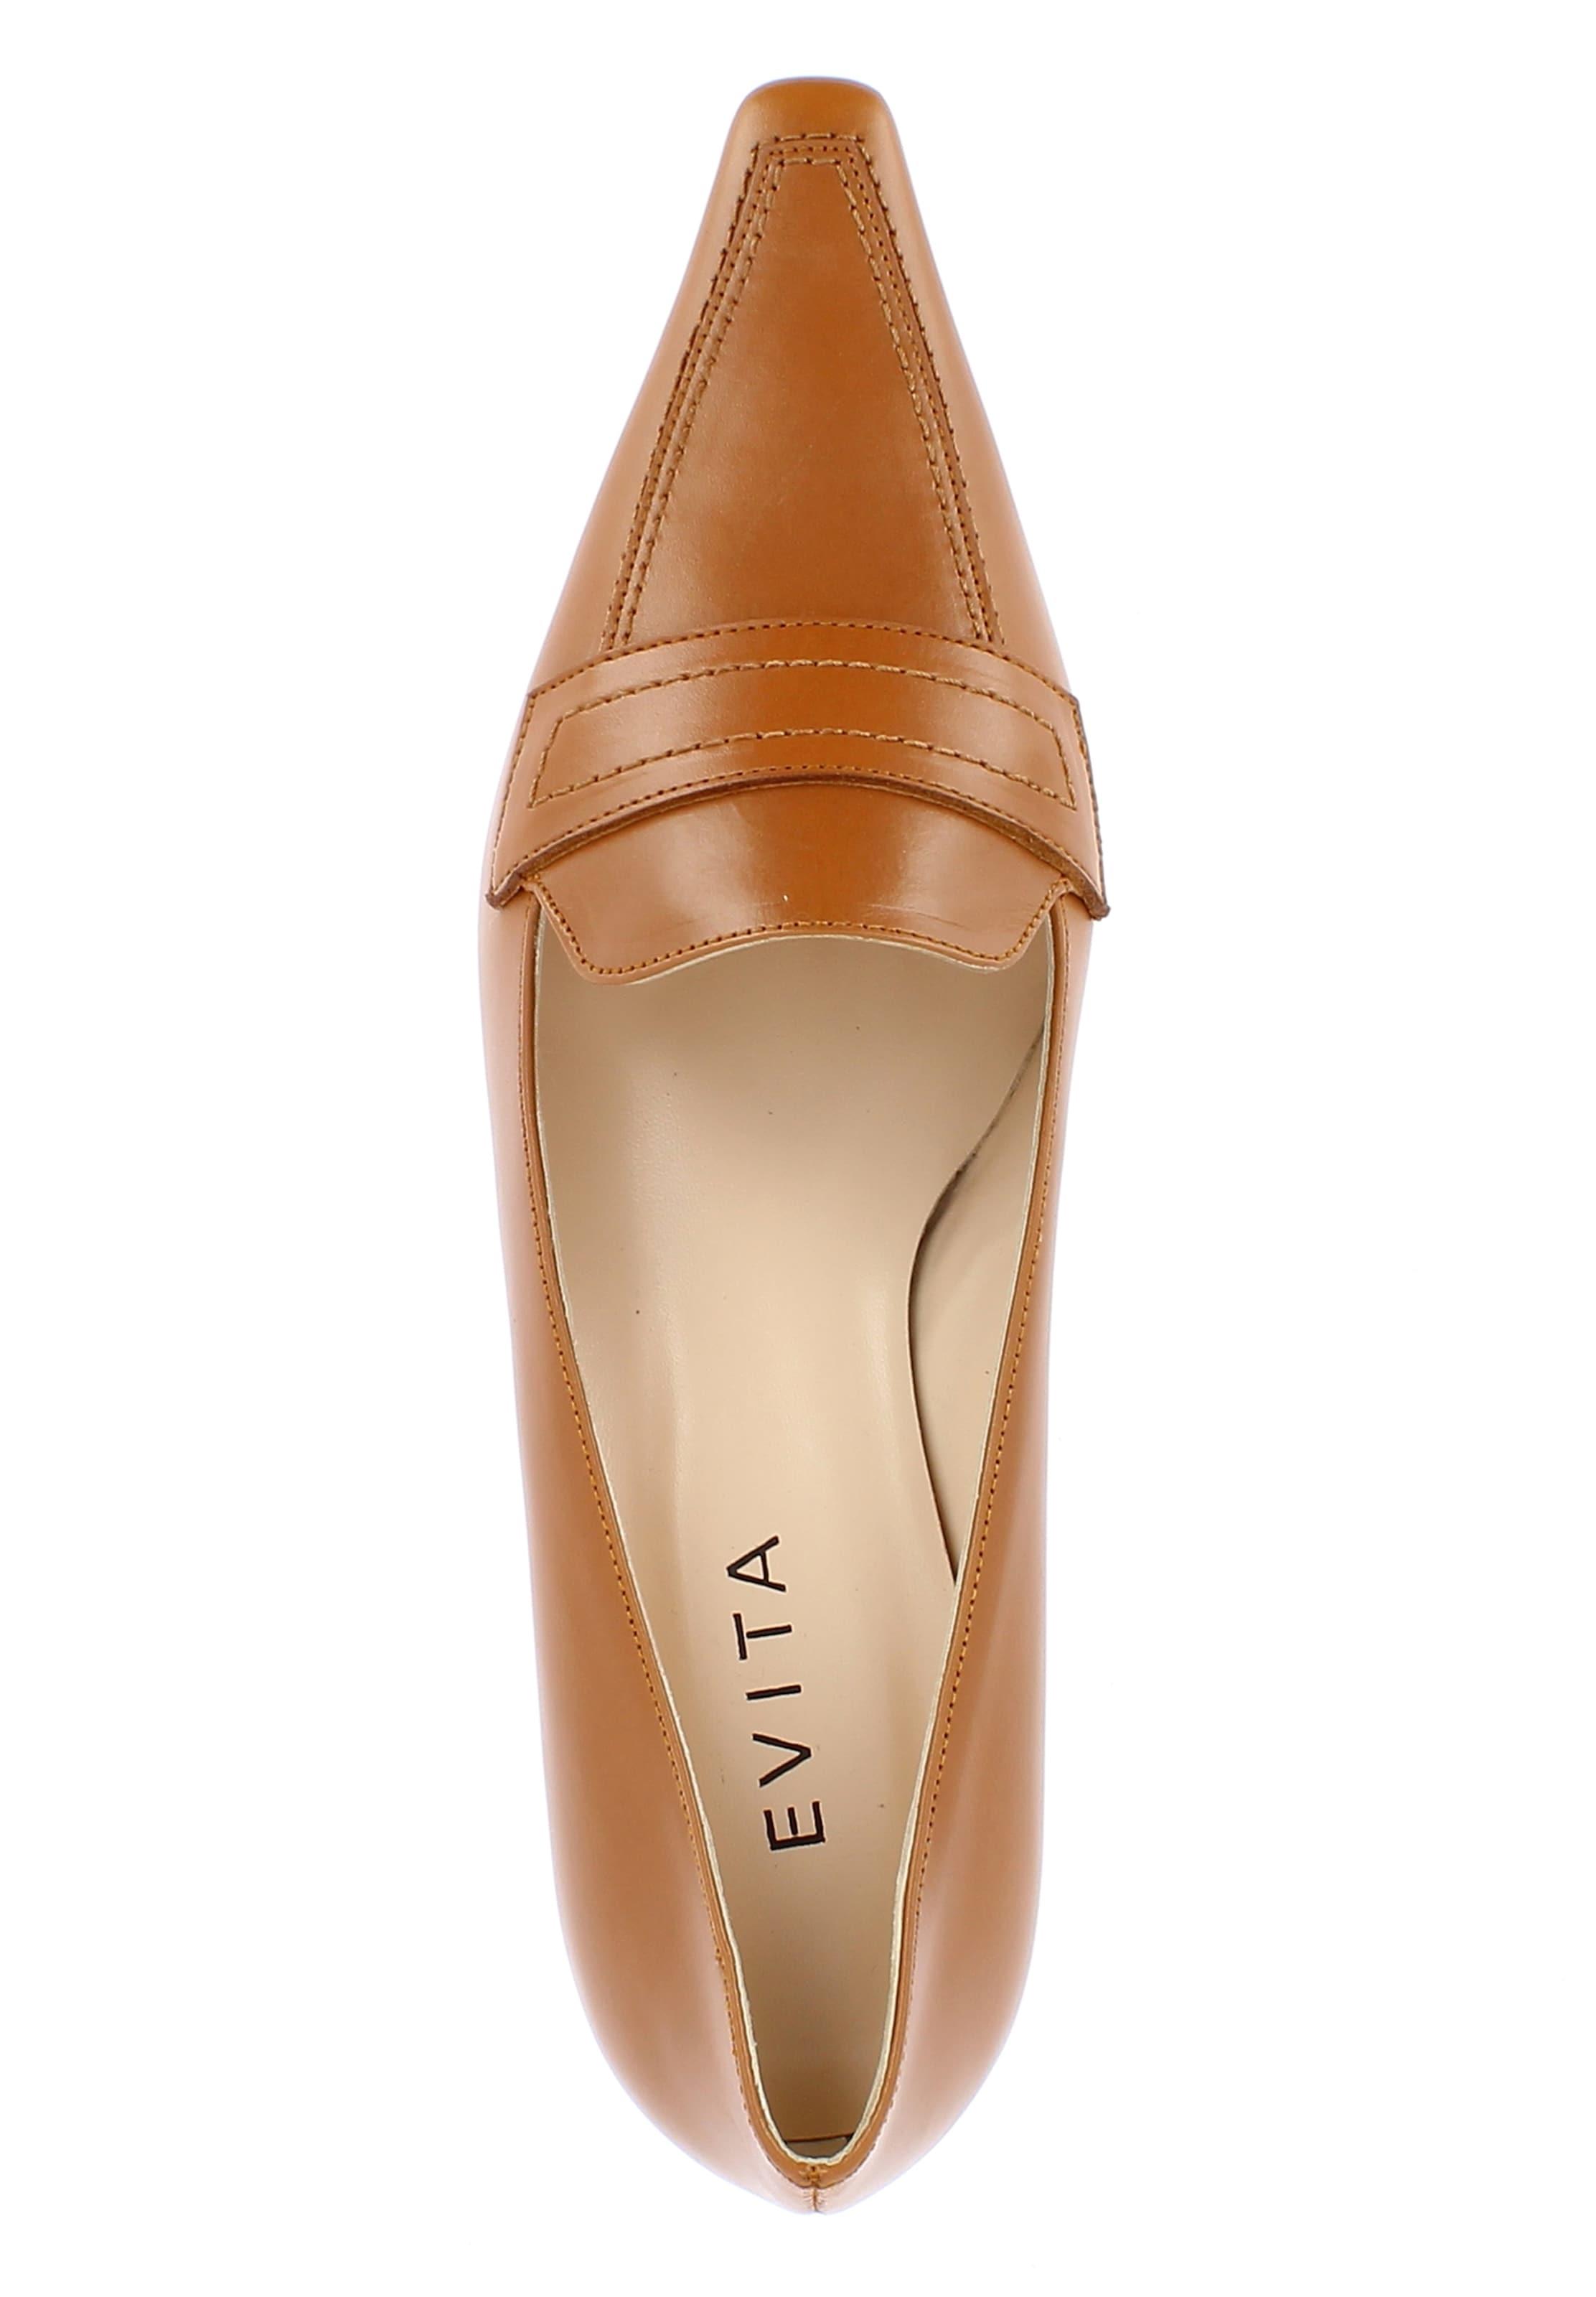 En En Escarpins Cognac Evita Escarpins Evita 8ywOmvNPn0